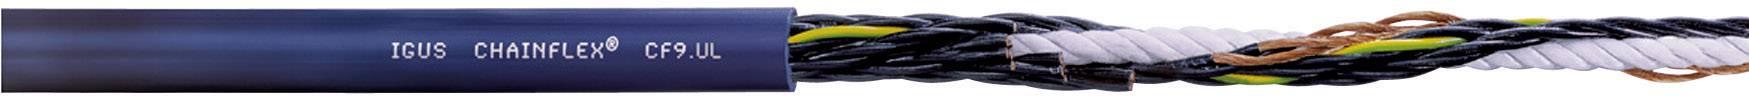 Řídicí kabelové vedení igus Chainflex® (CF9.05.02), 2x 0,5 mm², elastomer, Ø 5,0 mm, nestíněný, 1 m, modrá